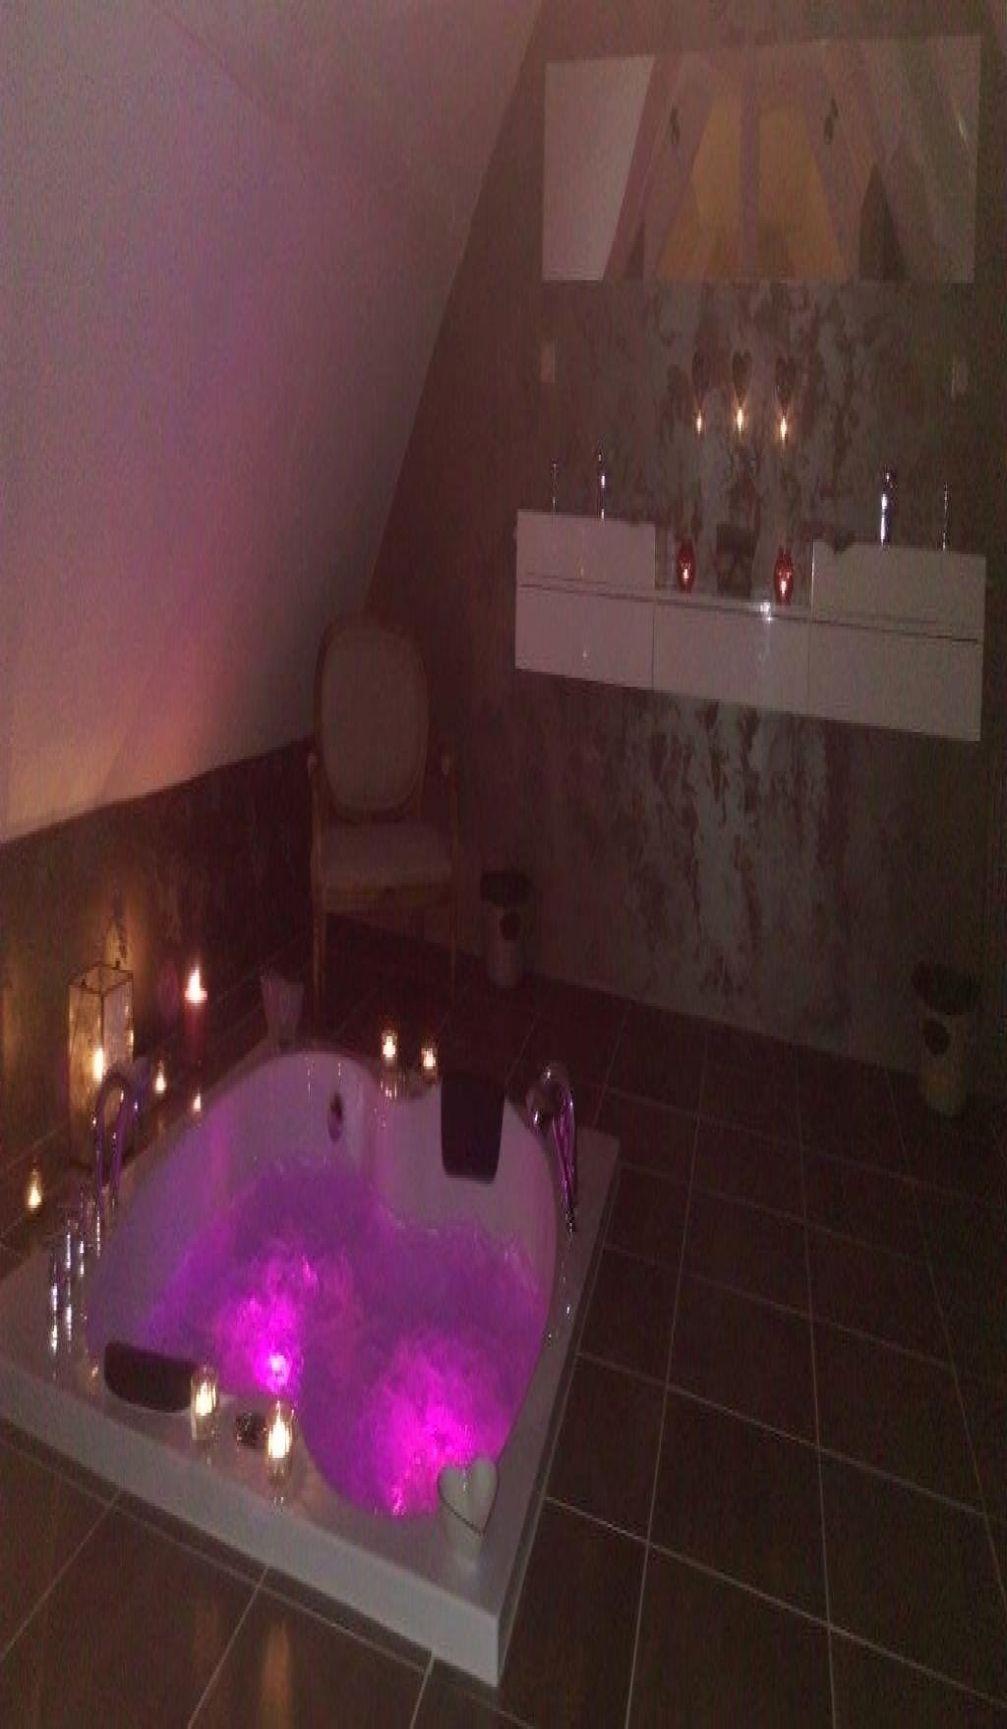 Hotel Paris Avec Jacuzzi Idees De Dcoration Chambre Avec Jacuzzi Prive Jacuzzi Prive Jacuzzi Hotel Jacuzzi